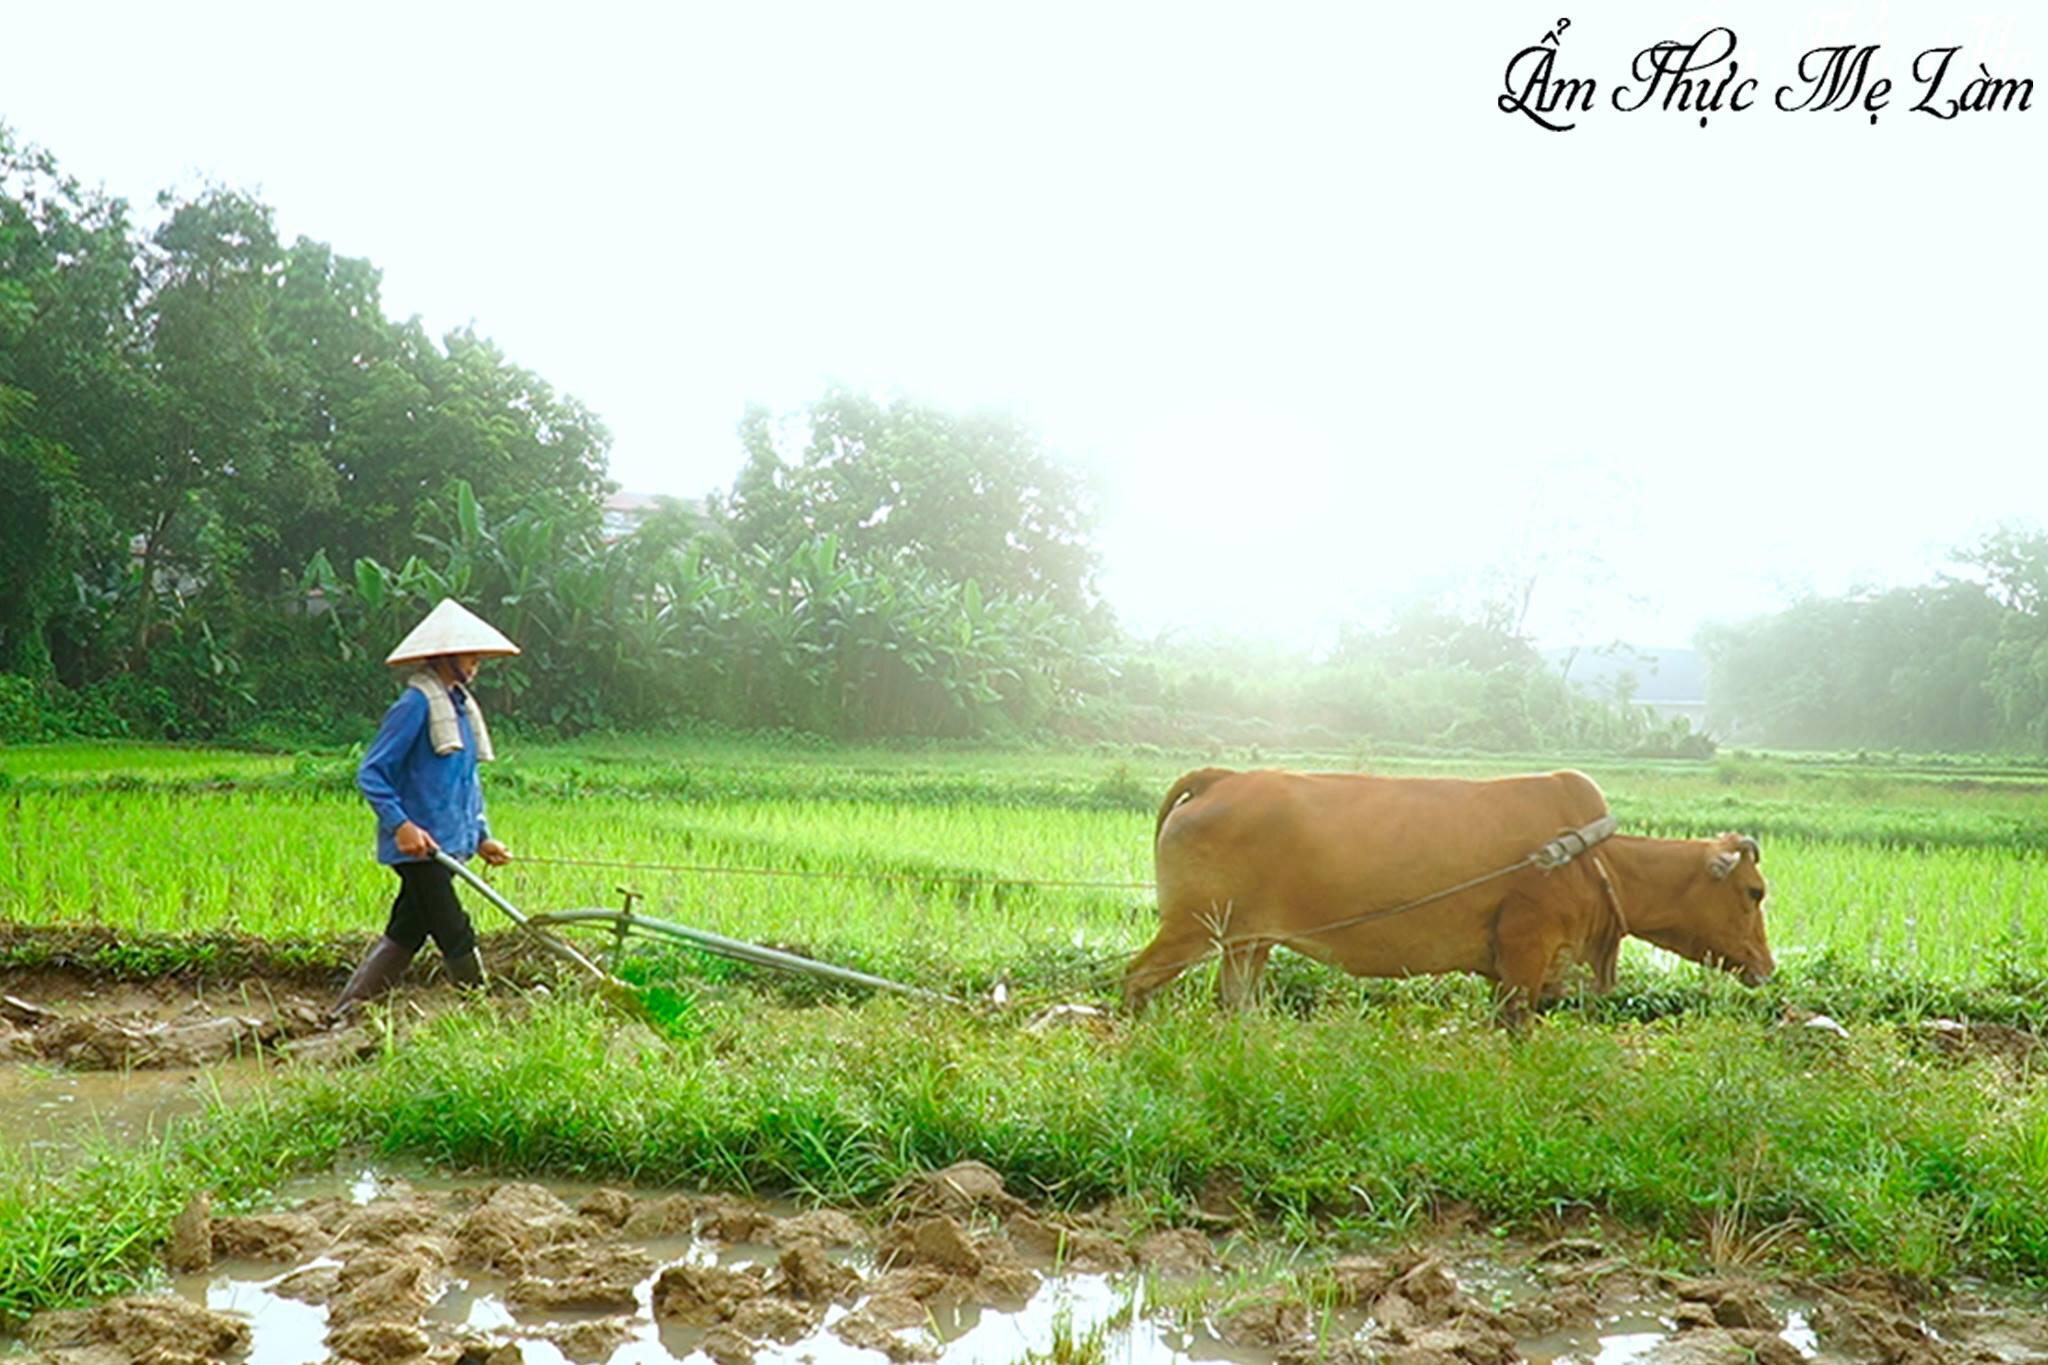 Ninh Tito Viet Nam 2